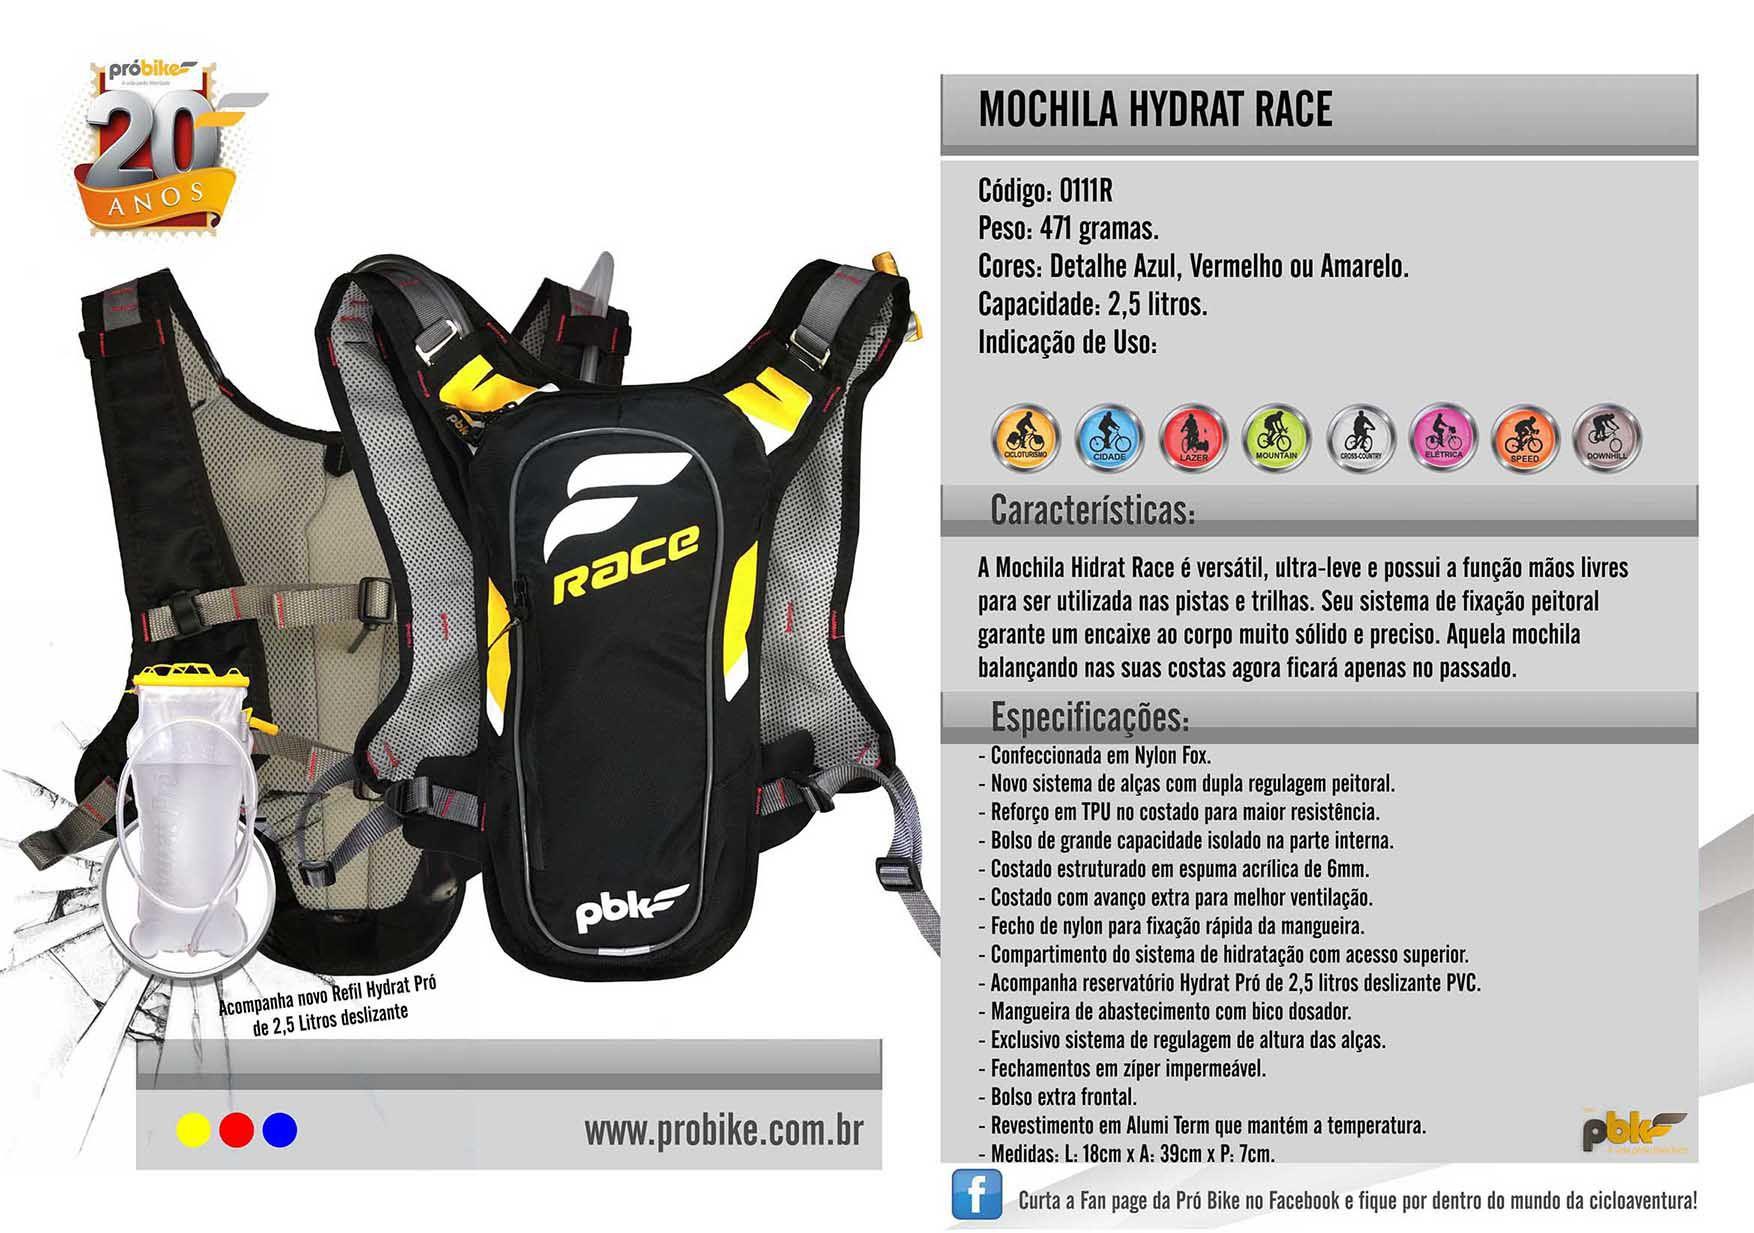 Mochila Hidrat Race 2,5 Litros Probike